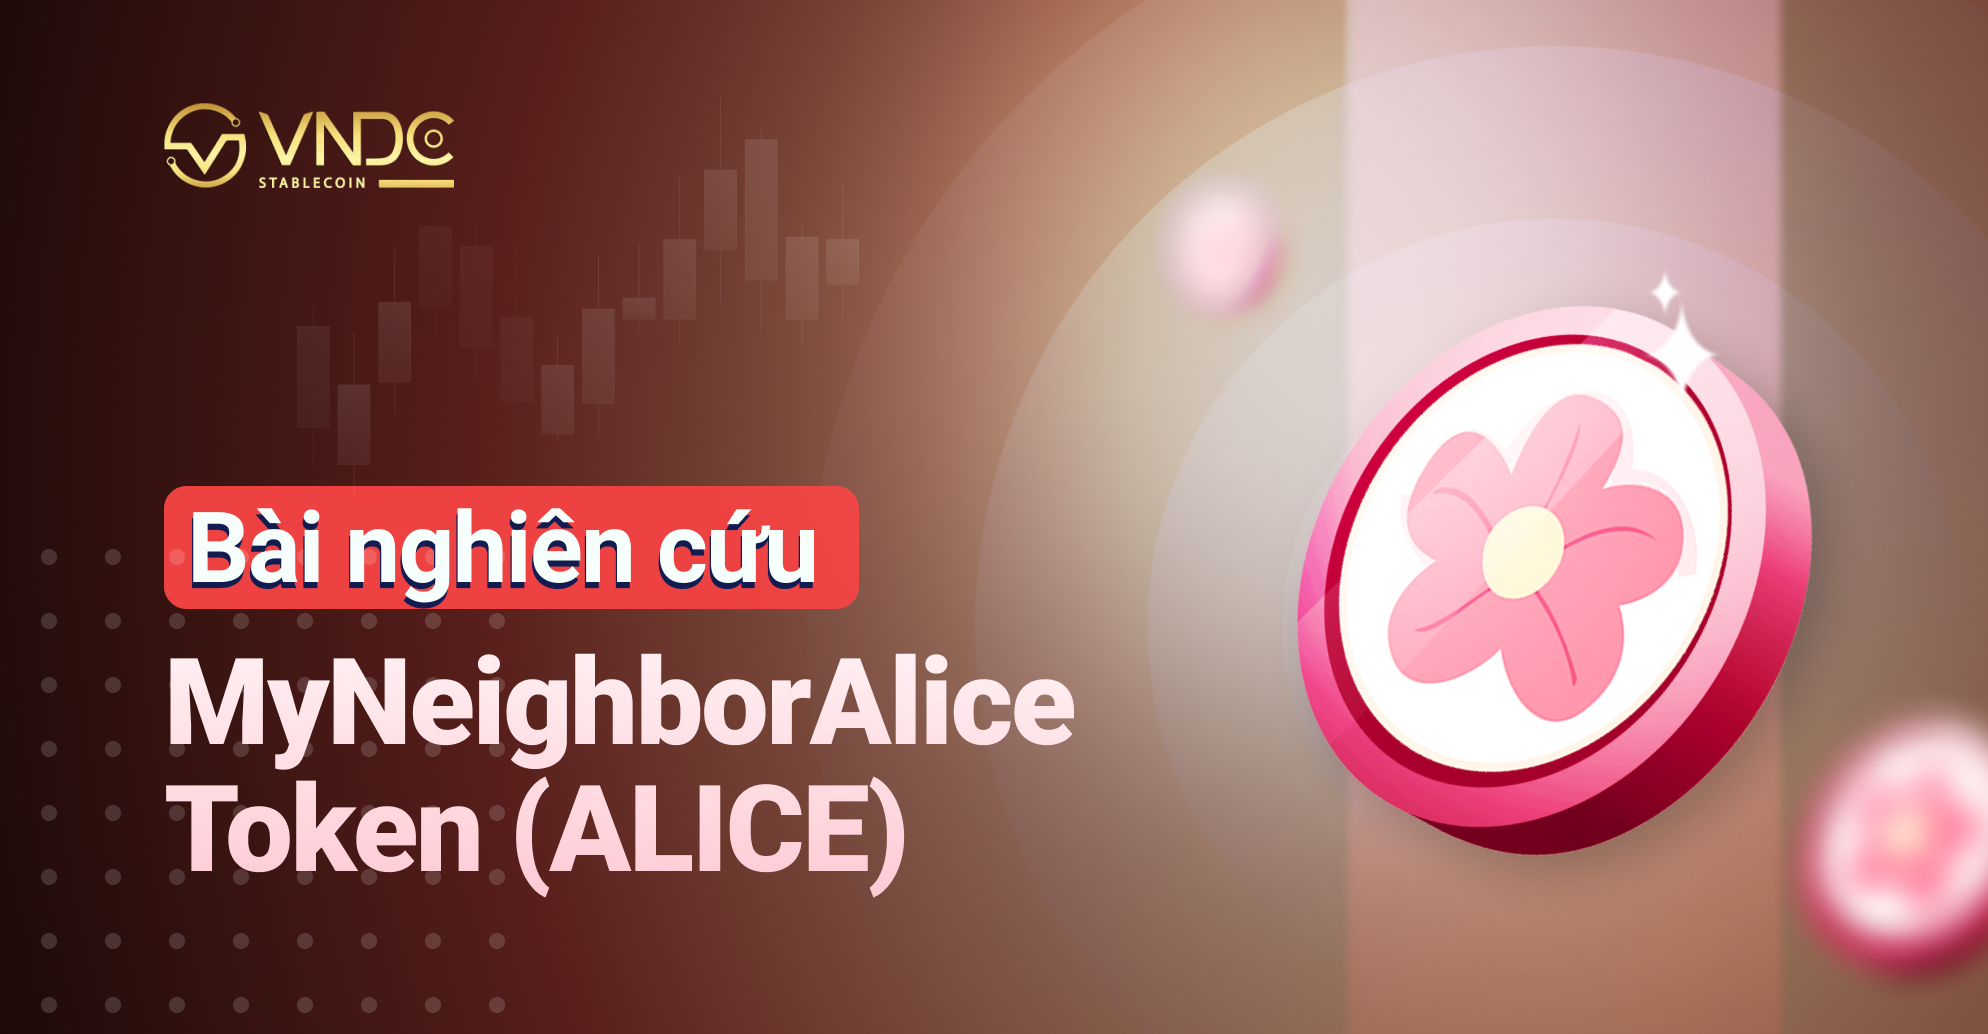 Bài nghiên cứu: Toàn tập về My Neighbor Alice Token (ALICE) và nền tảng game My Neighbor Alice